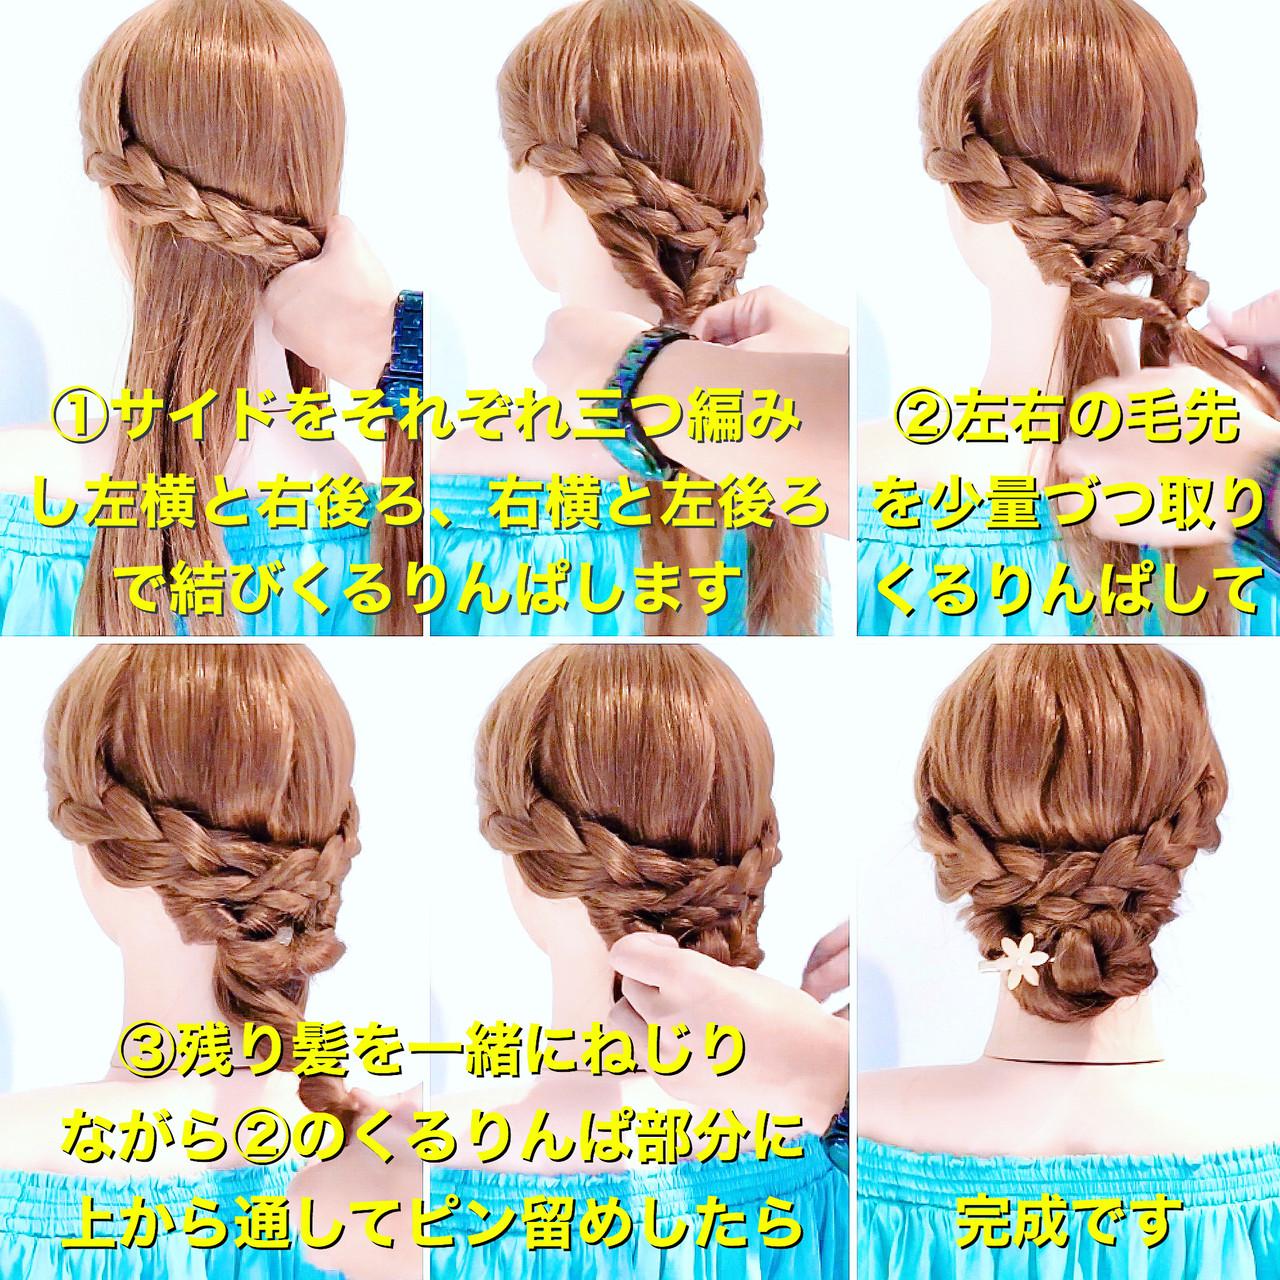 くるりんぱ ヘアアレンジ セルフヘアアレンジ ロング ヘアスタイルや髪型の写真・画像 | 美容師HIRO/Amoute代表 / Amoute/アムティ